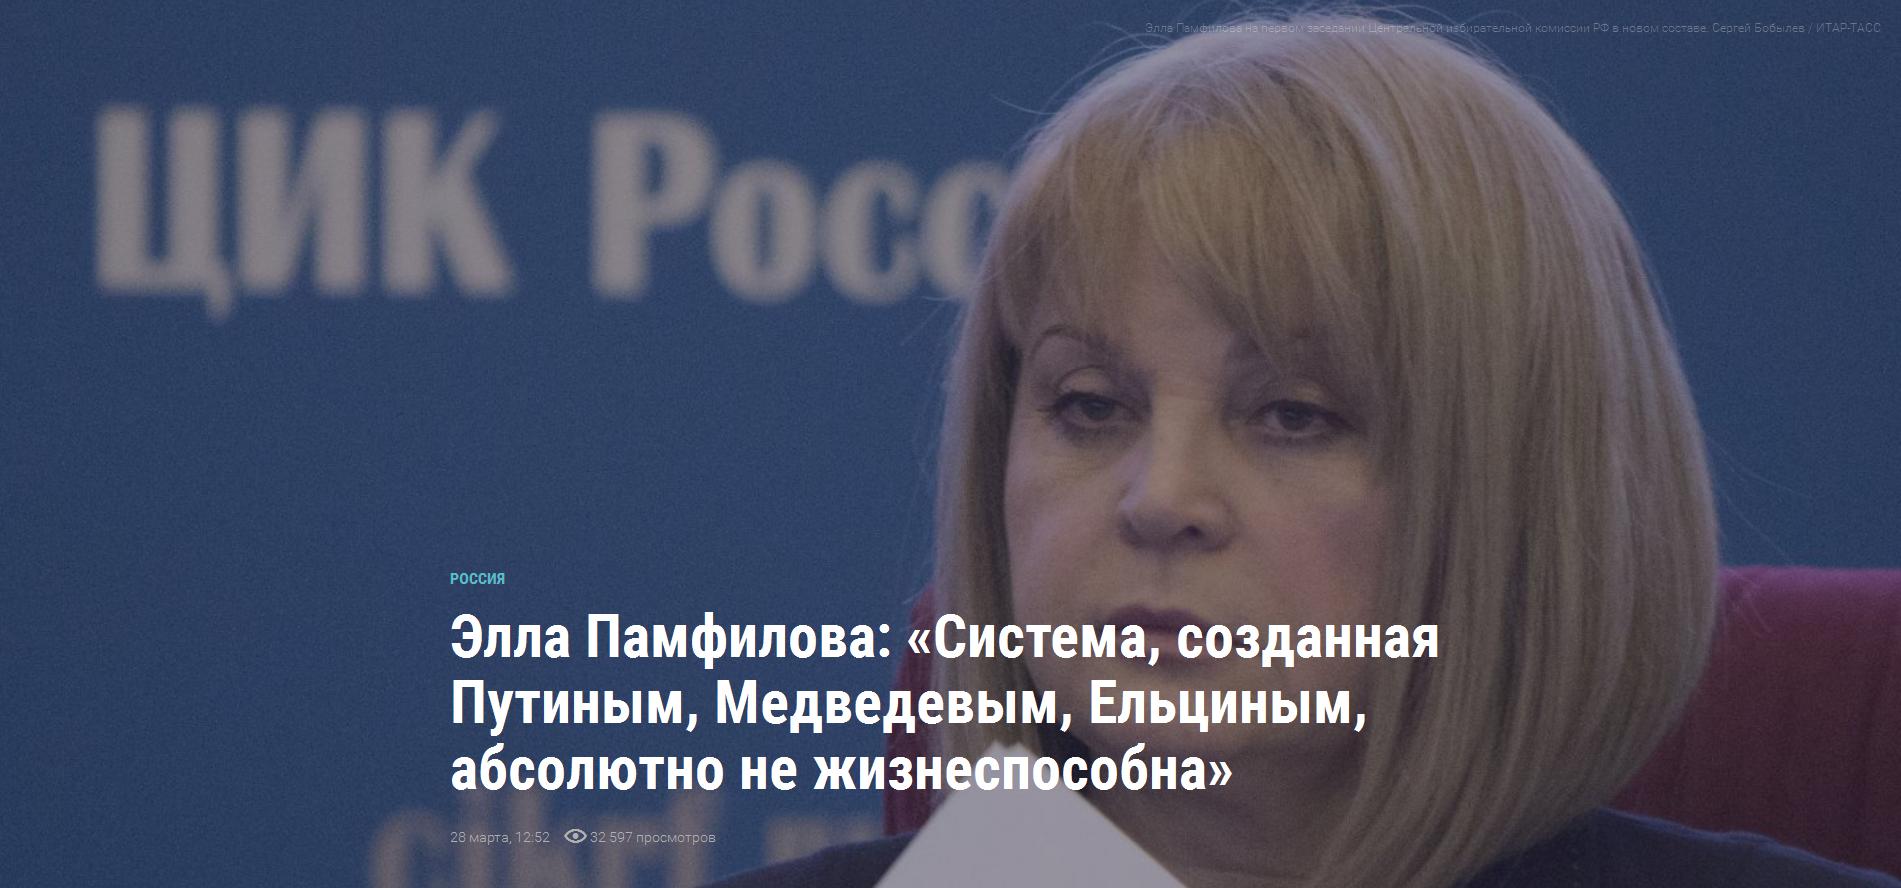 http://i6.imageban.ru/out/2016/04/03/935cd4992eef512da2301ea550dd16d6.png